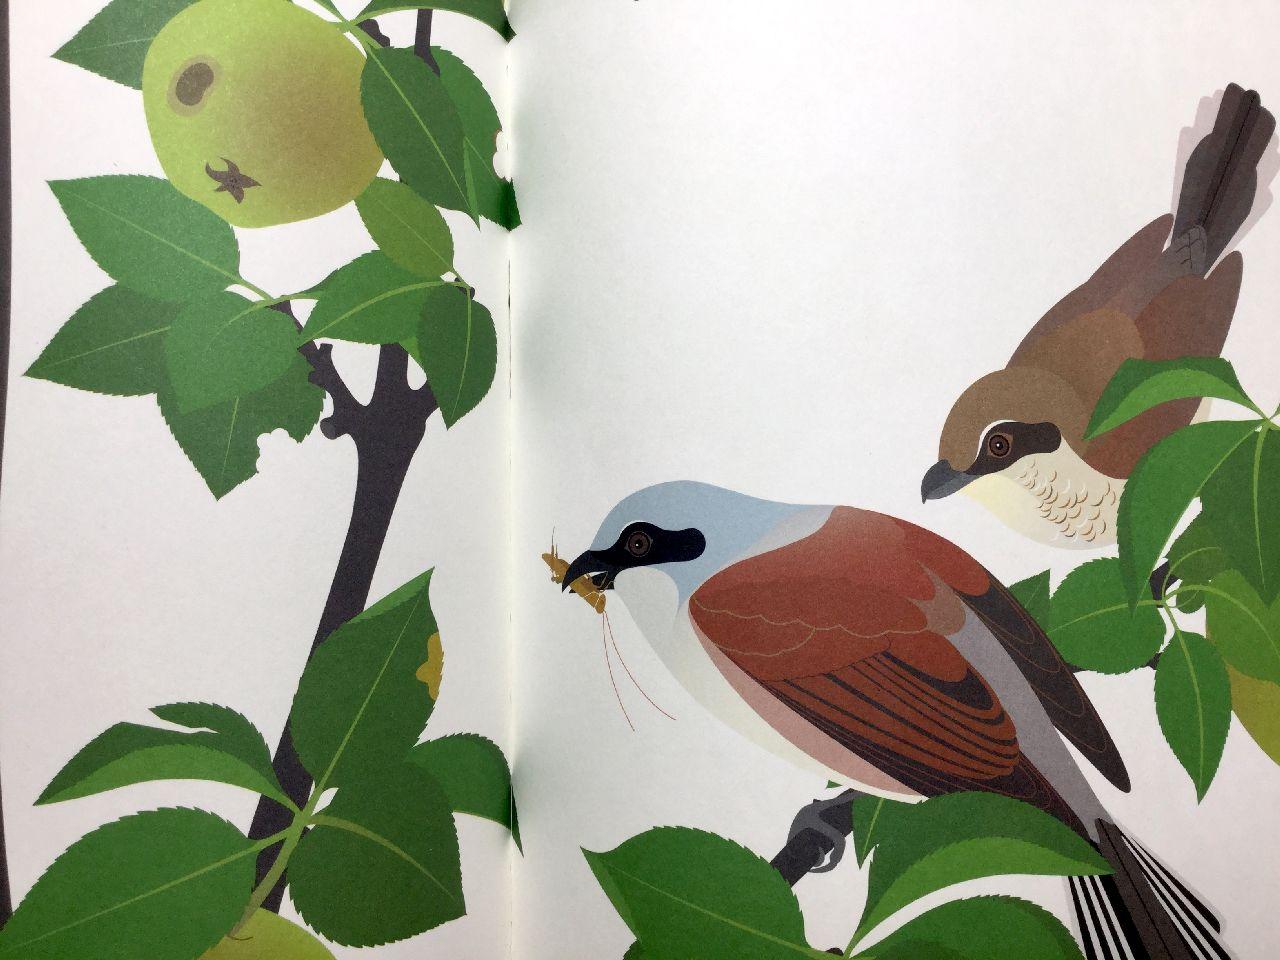 Anne Crausaz, Le quattro stagioni di un ramo di melo, L'ippocampo